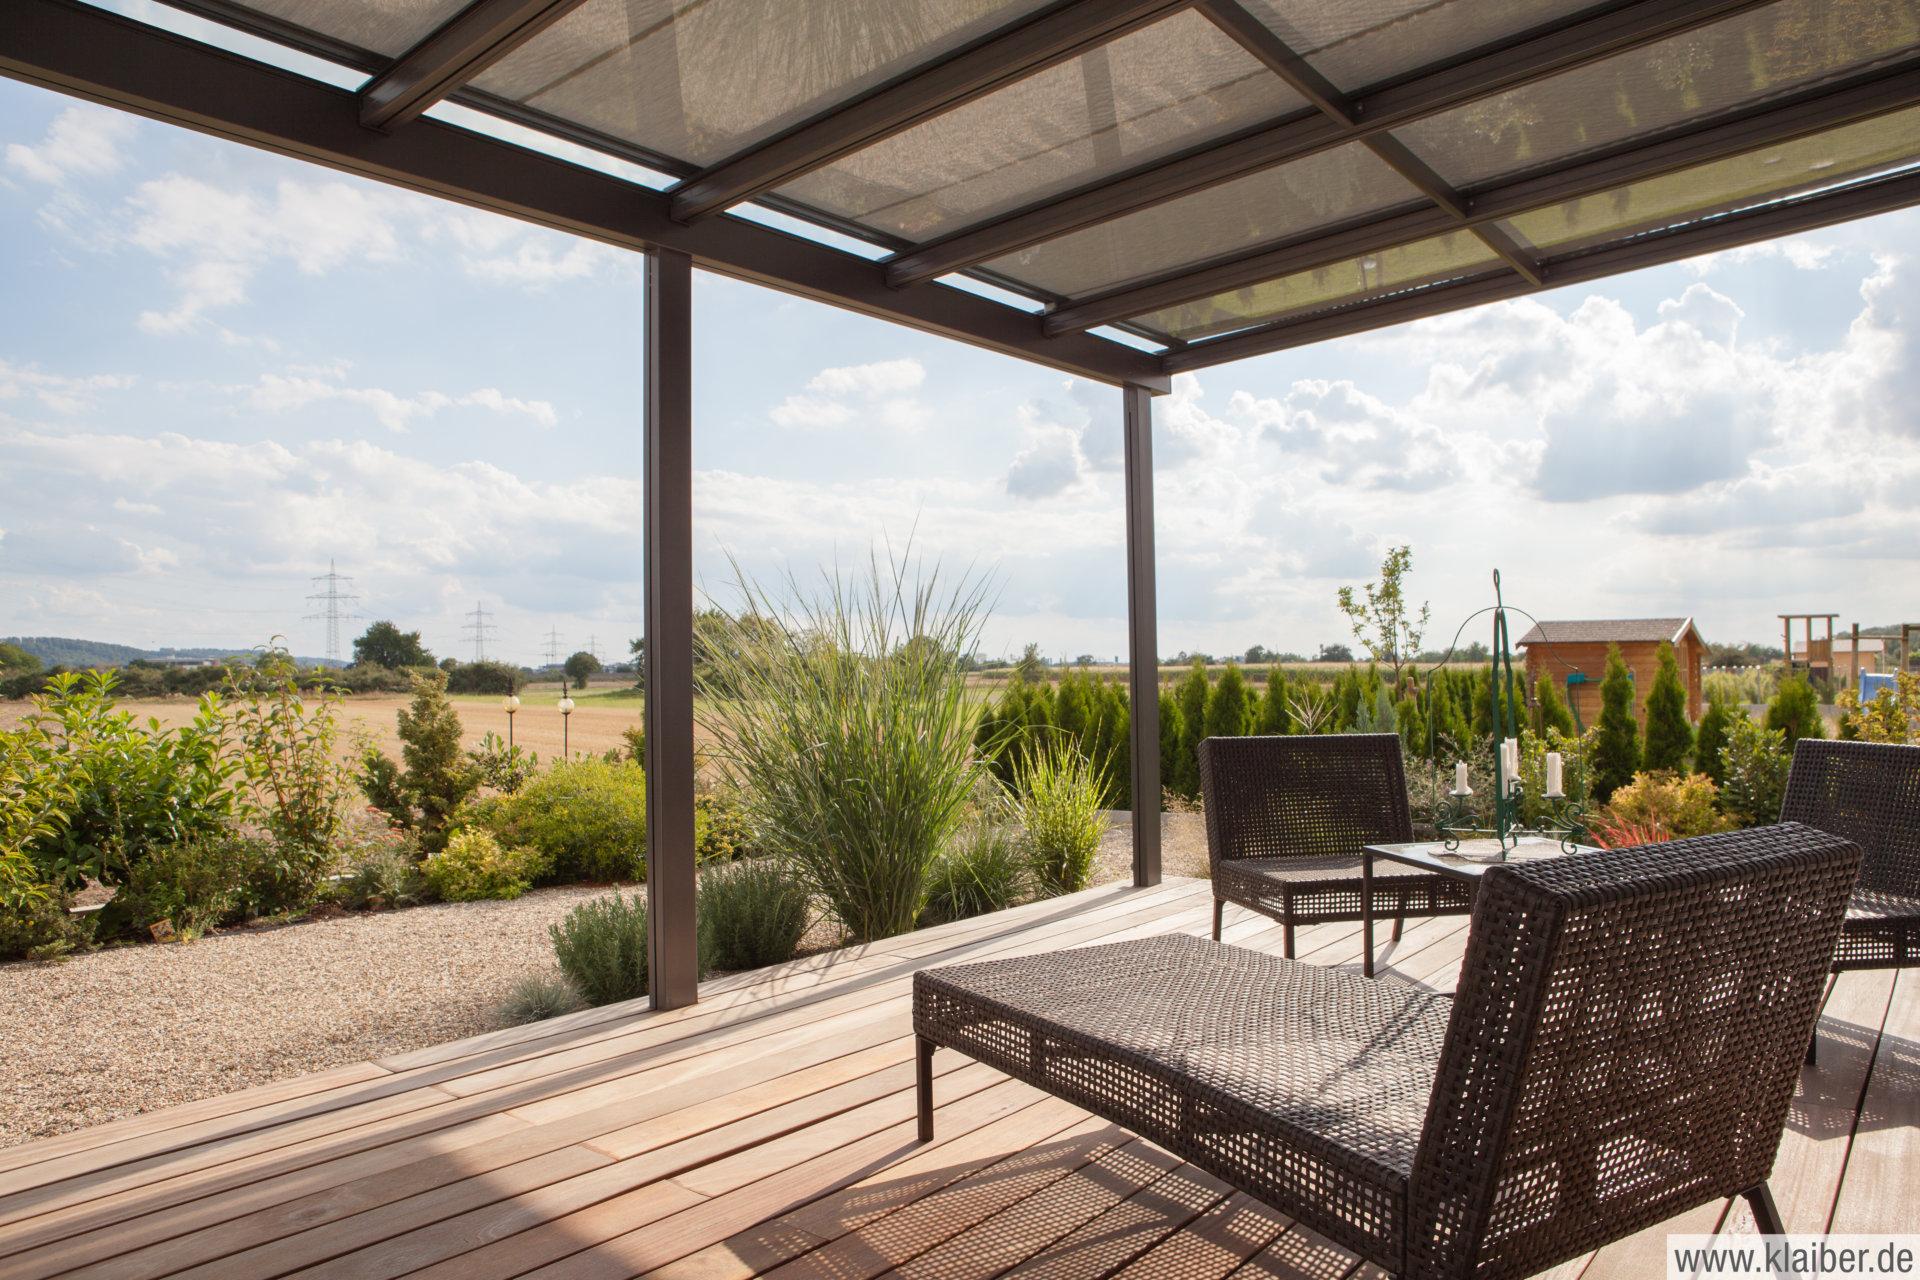 klaiber terrassen berdachung und vord cher aus glas und aluminimum. Black Bedroom Furniture Sets. Home Design Ideas